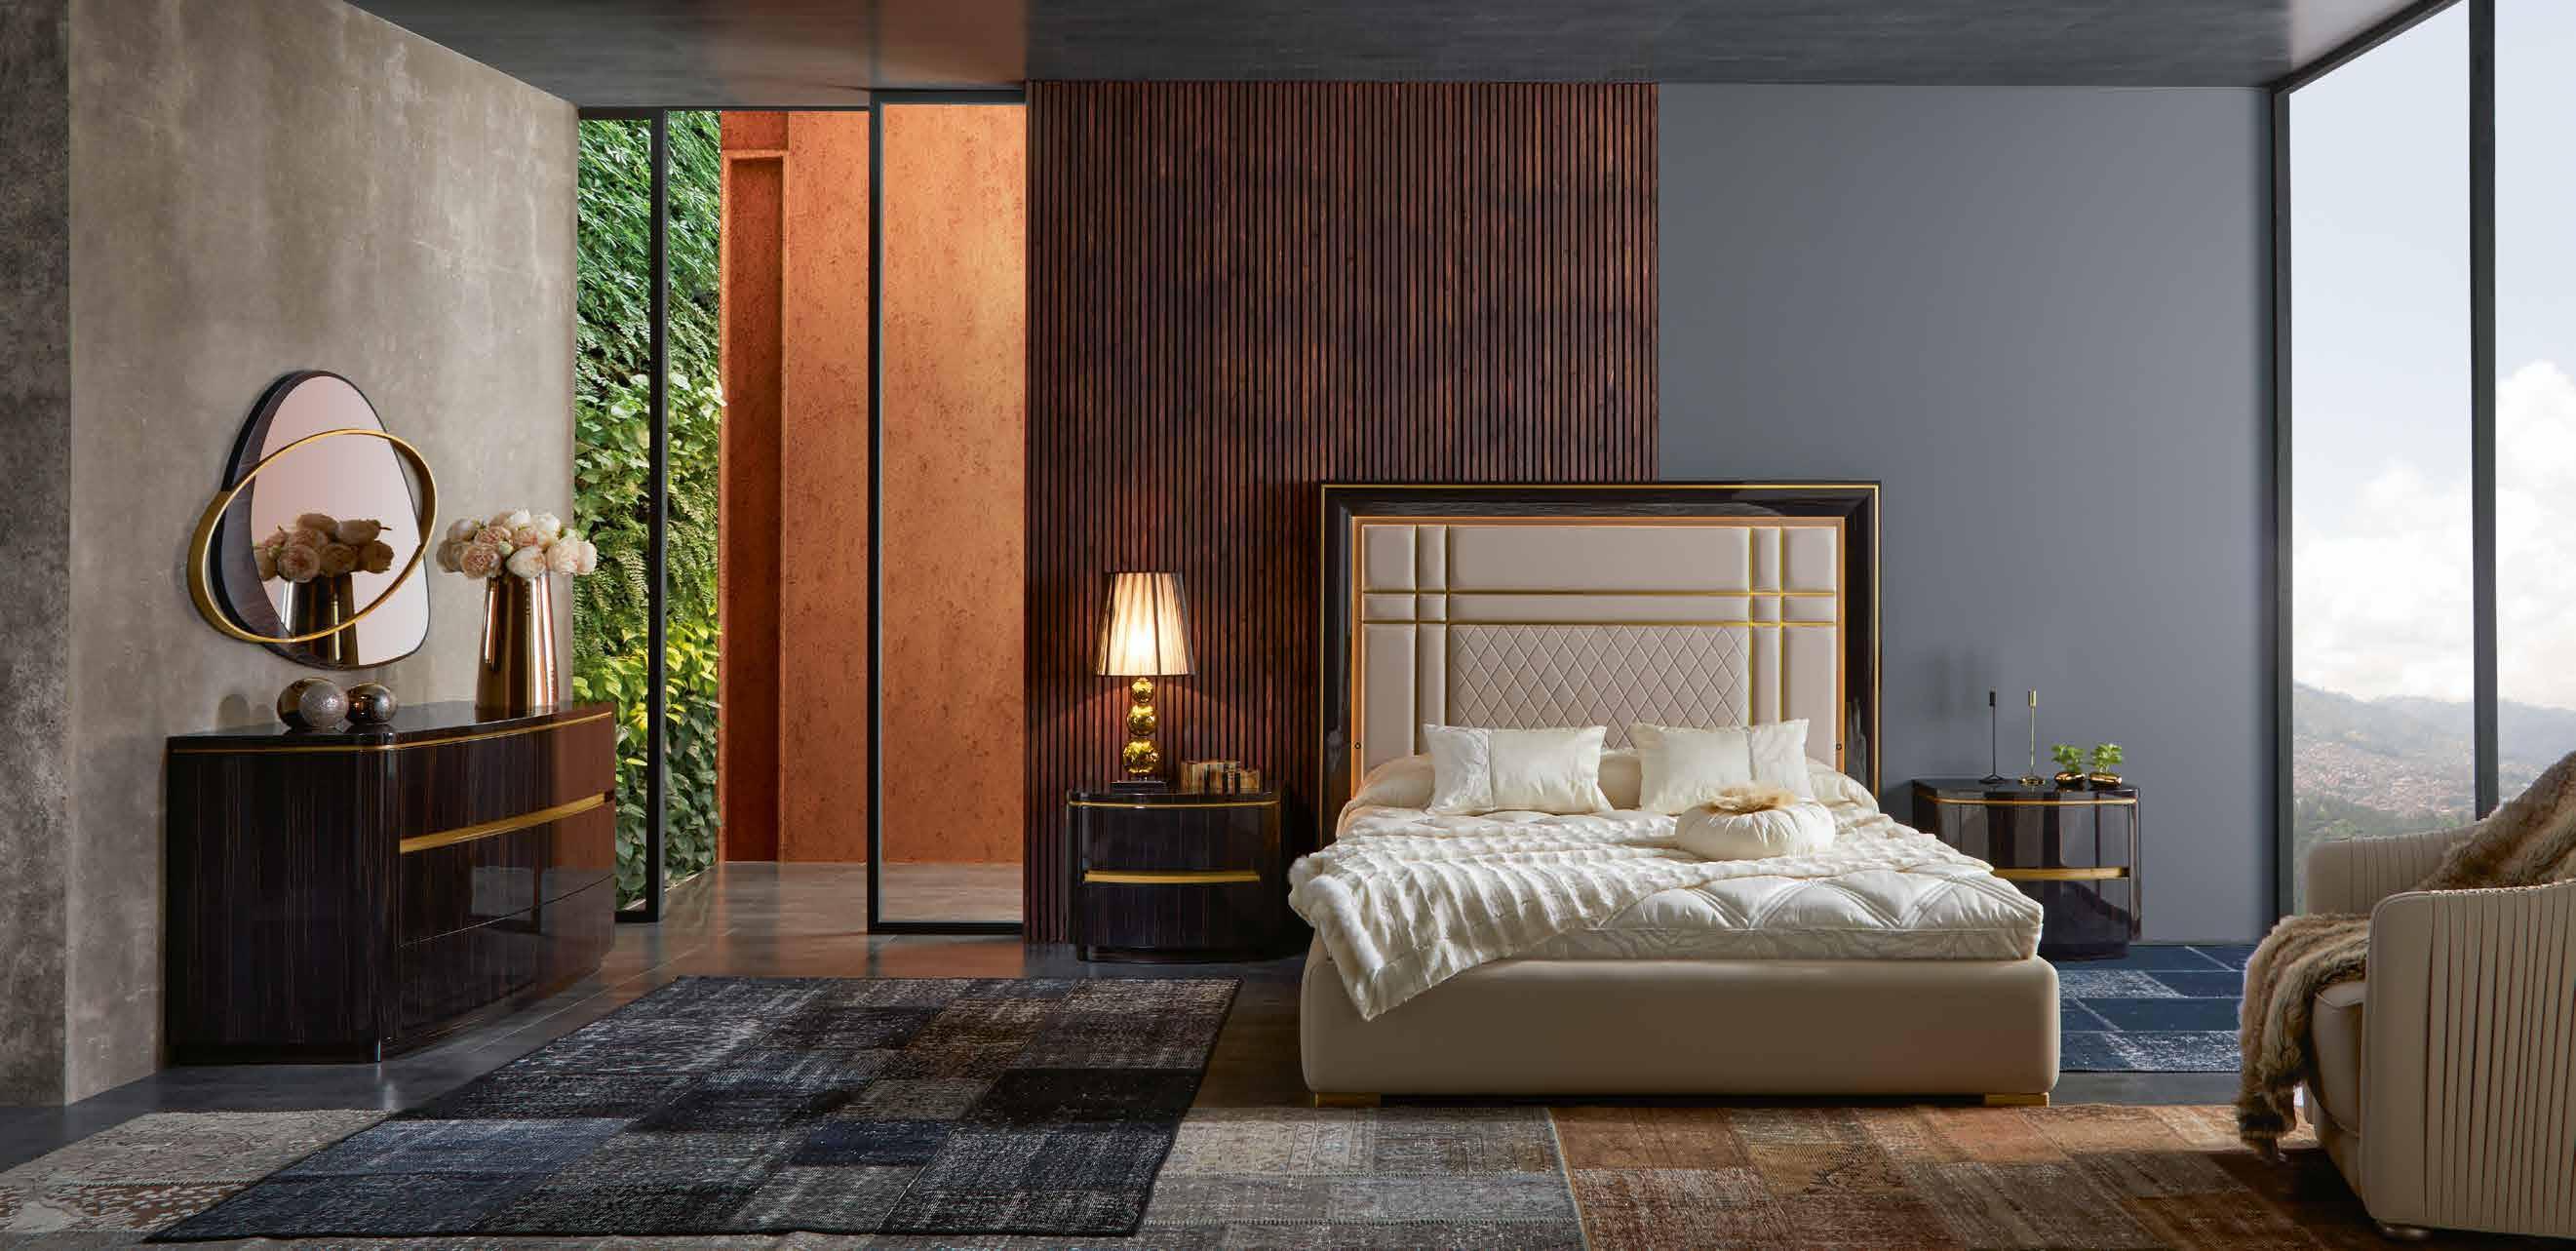 Meubles portugais - chambre, lit, armoire, ommode, table de chevet